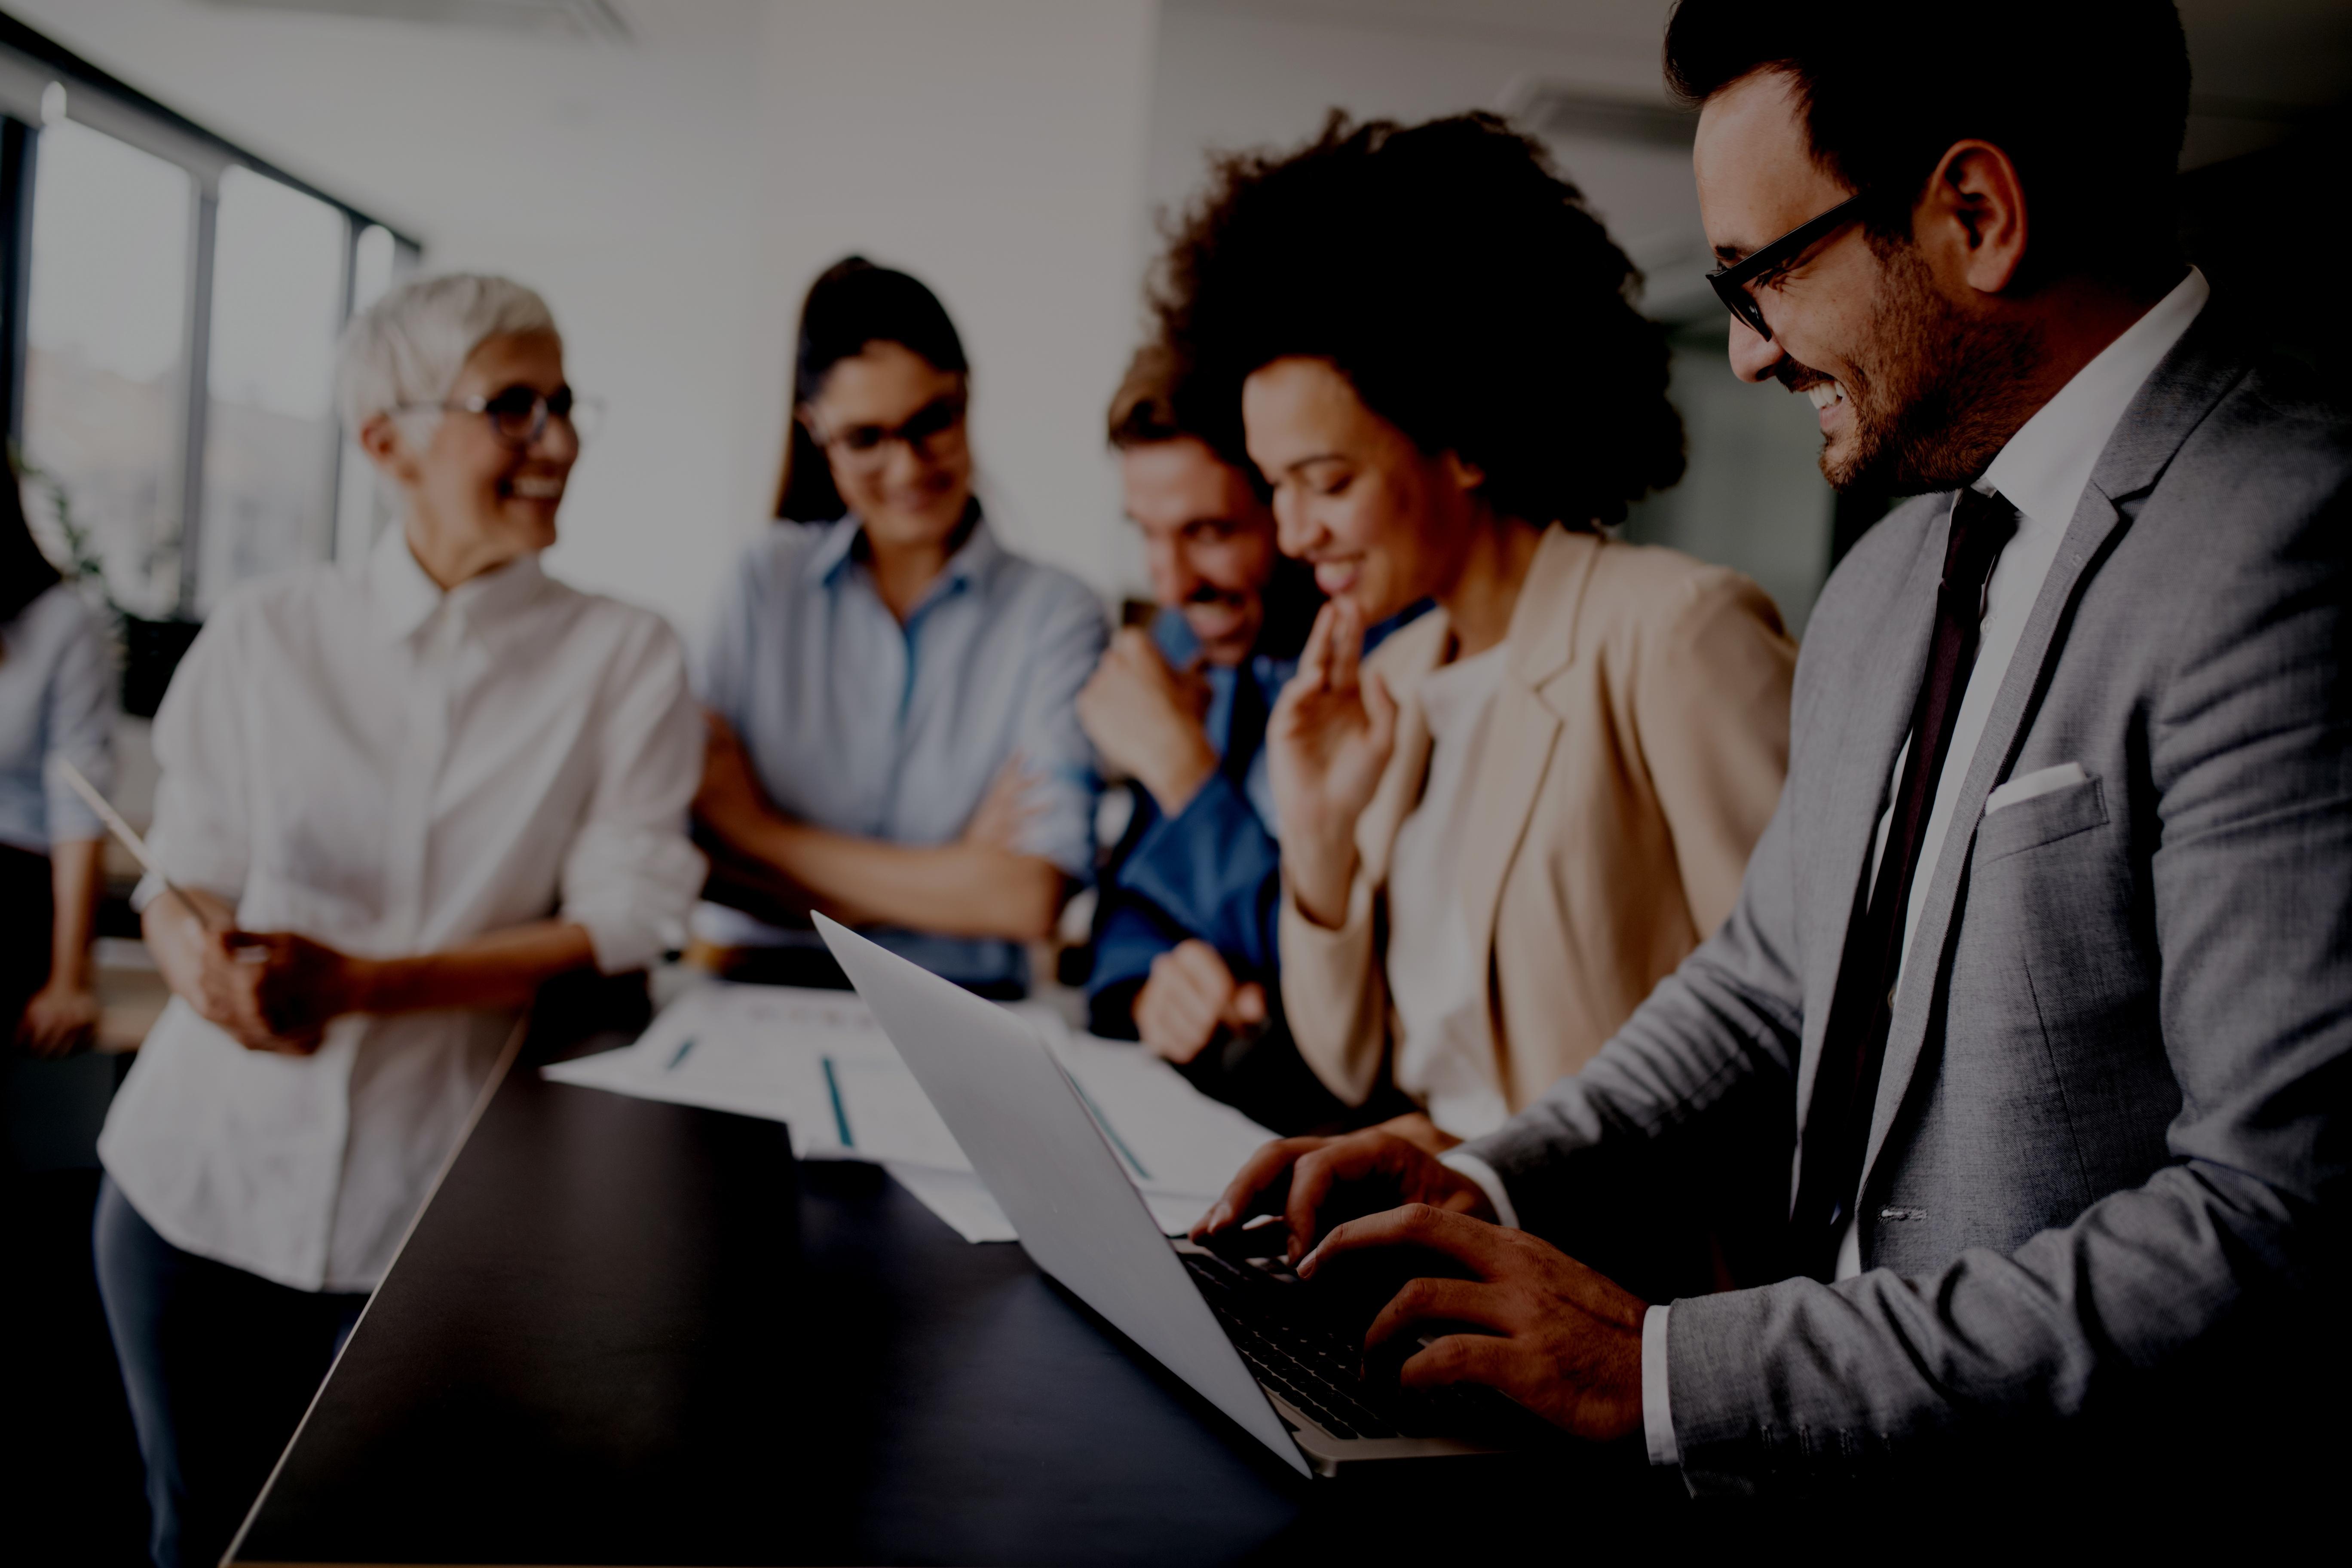 bigstock-Business-People-Meeting-Confer-269545405.jpg